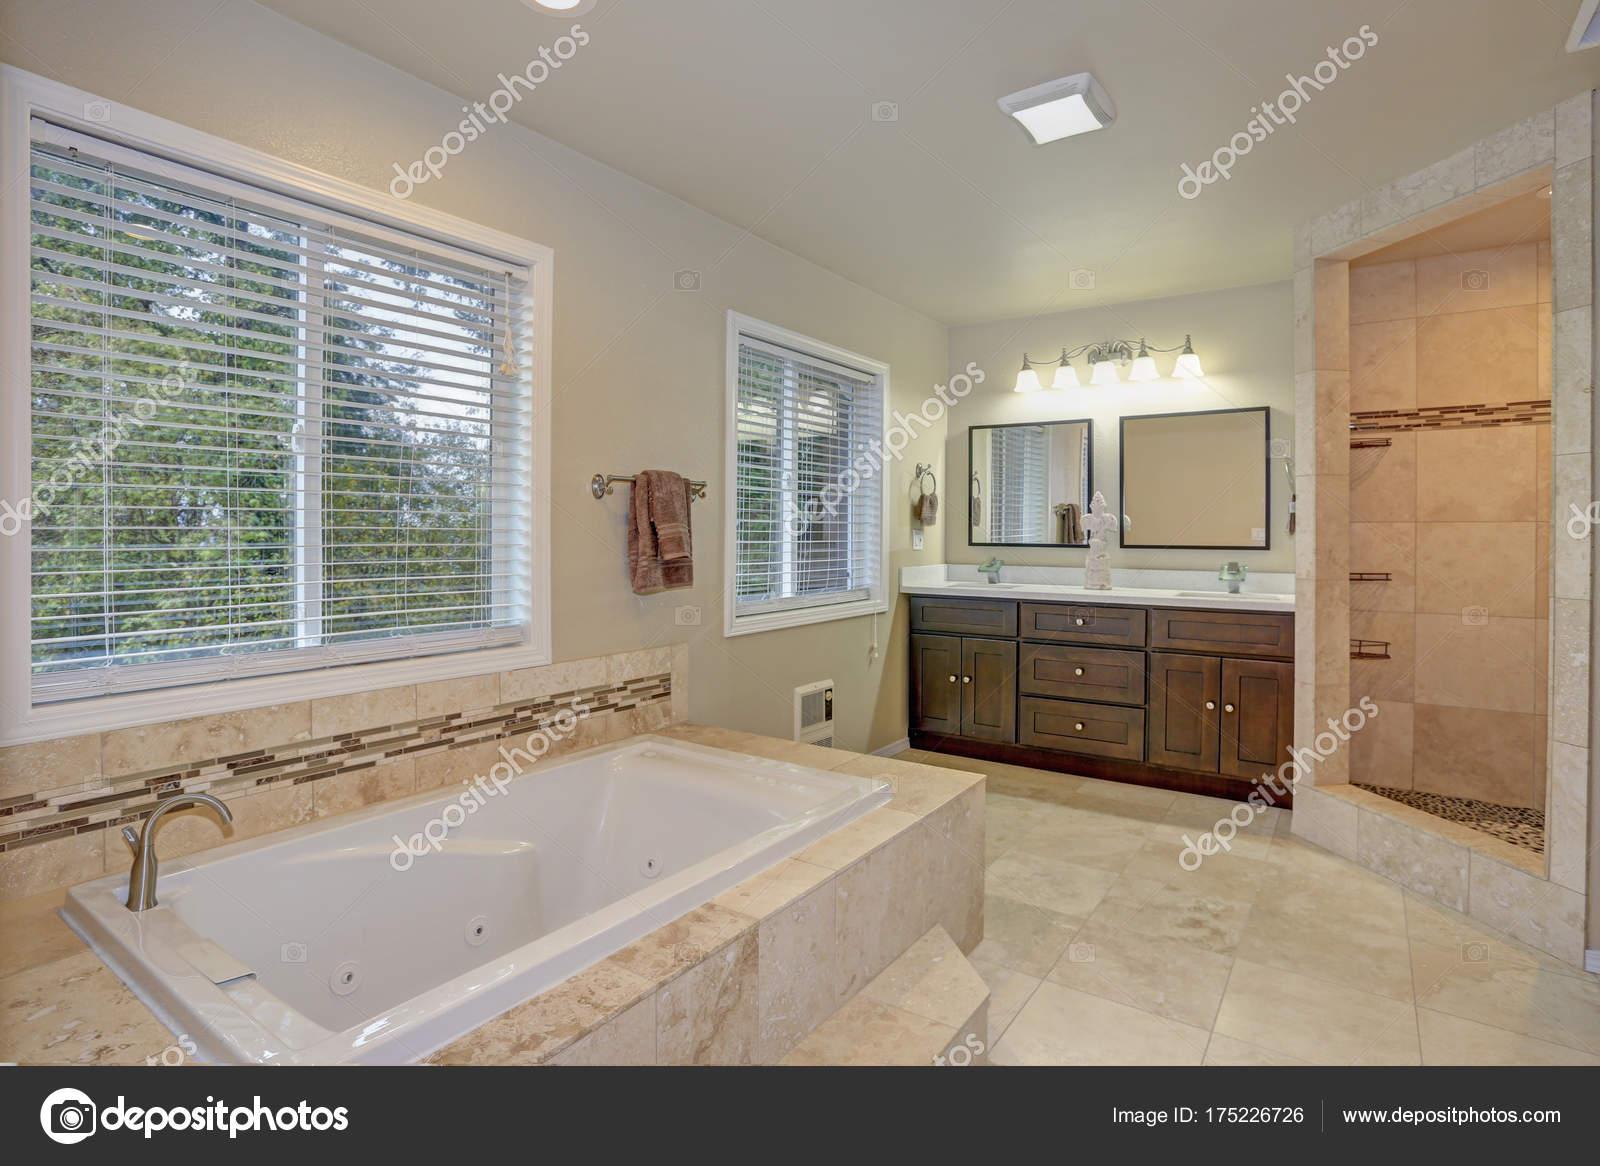 Master Bad Design Mit Luxus Weißen Granit Verkleidet Badewanne Kombiniert  Mit Begehbarer Dusche Akzentuiert Mit Mosaik Streifen Und Doppelte ...